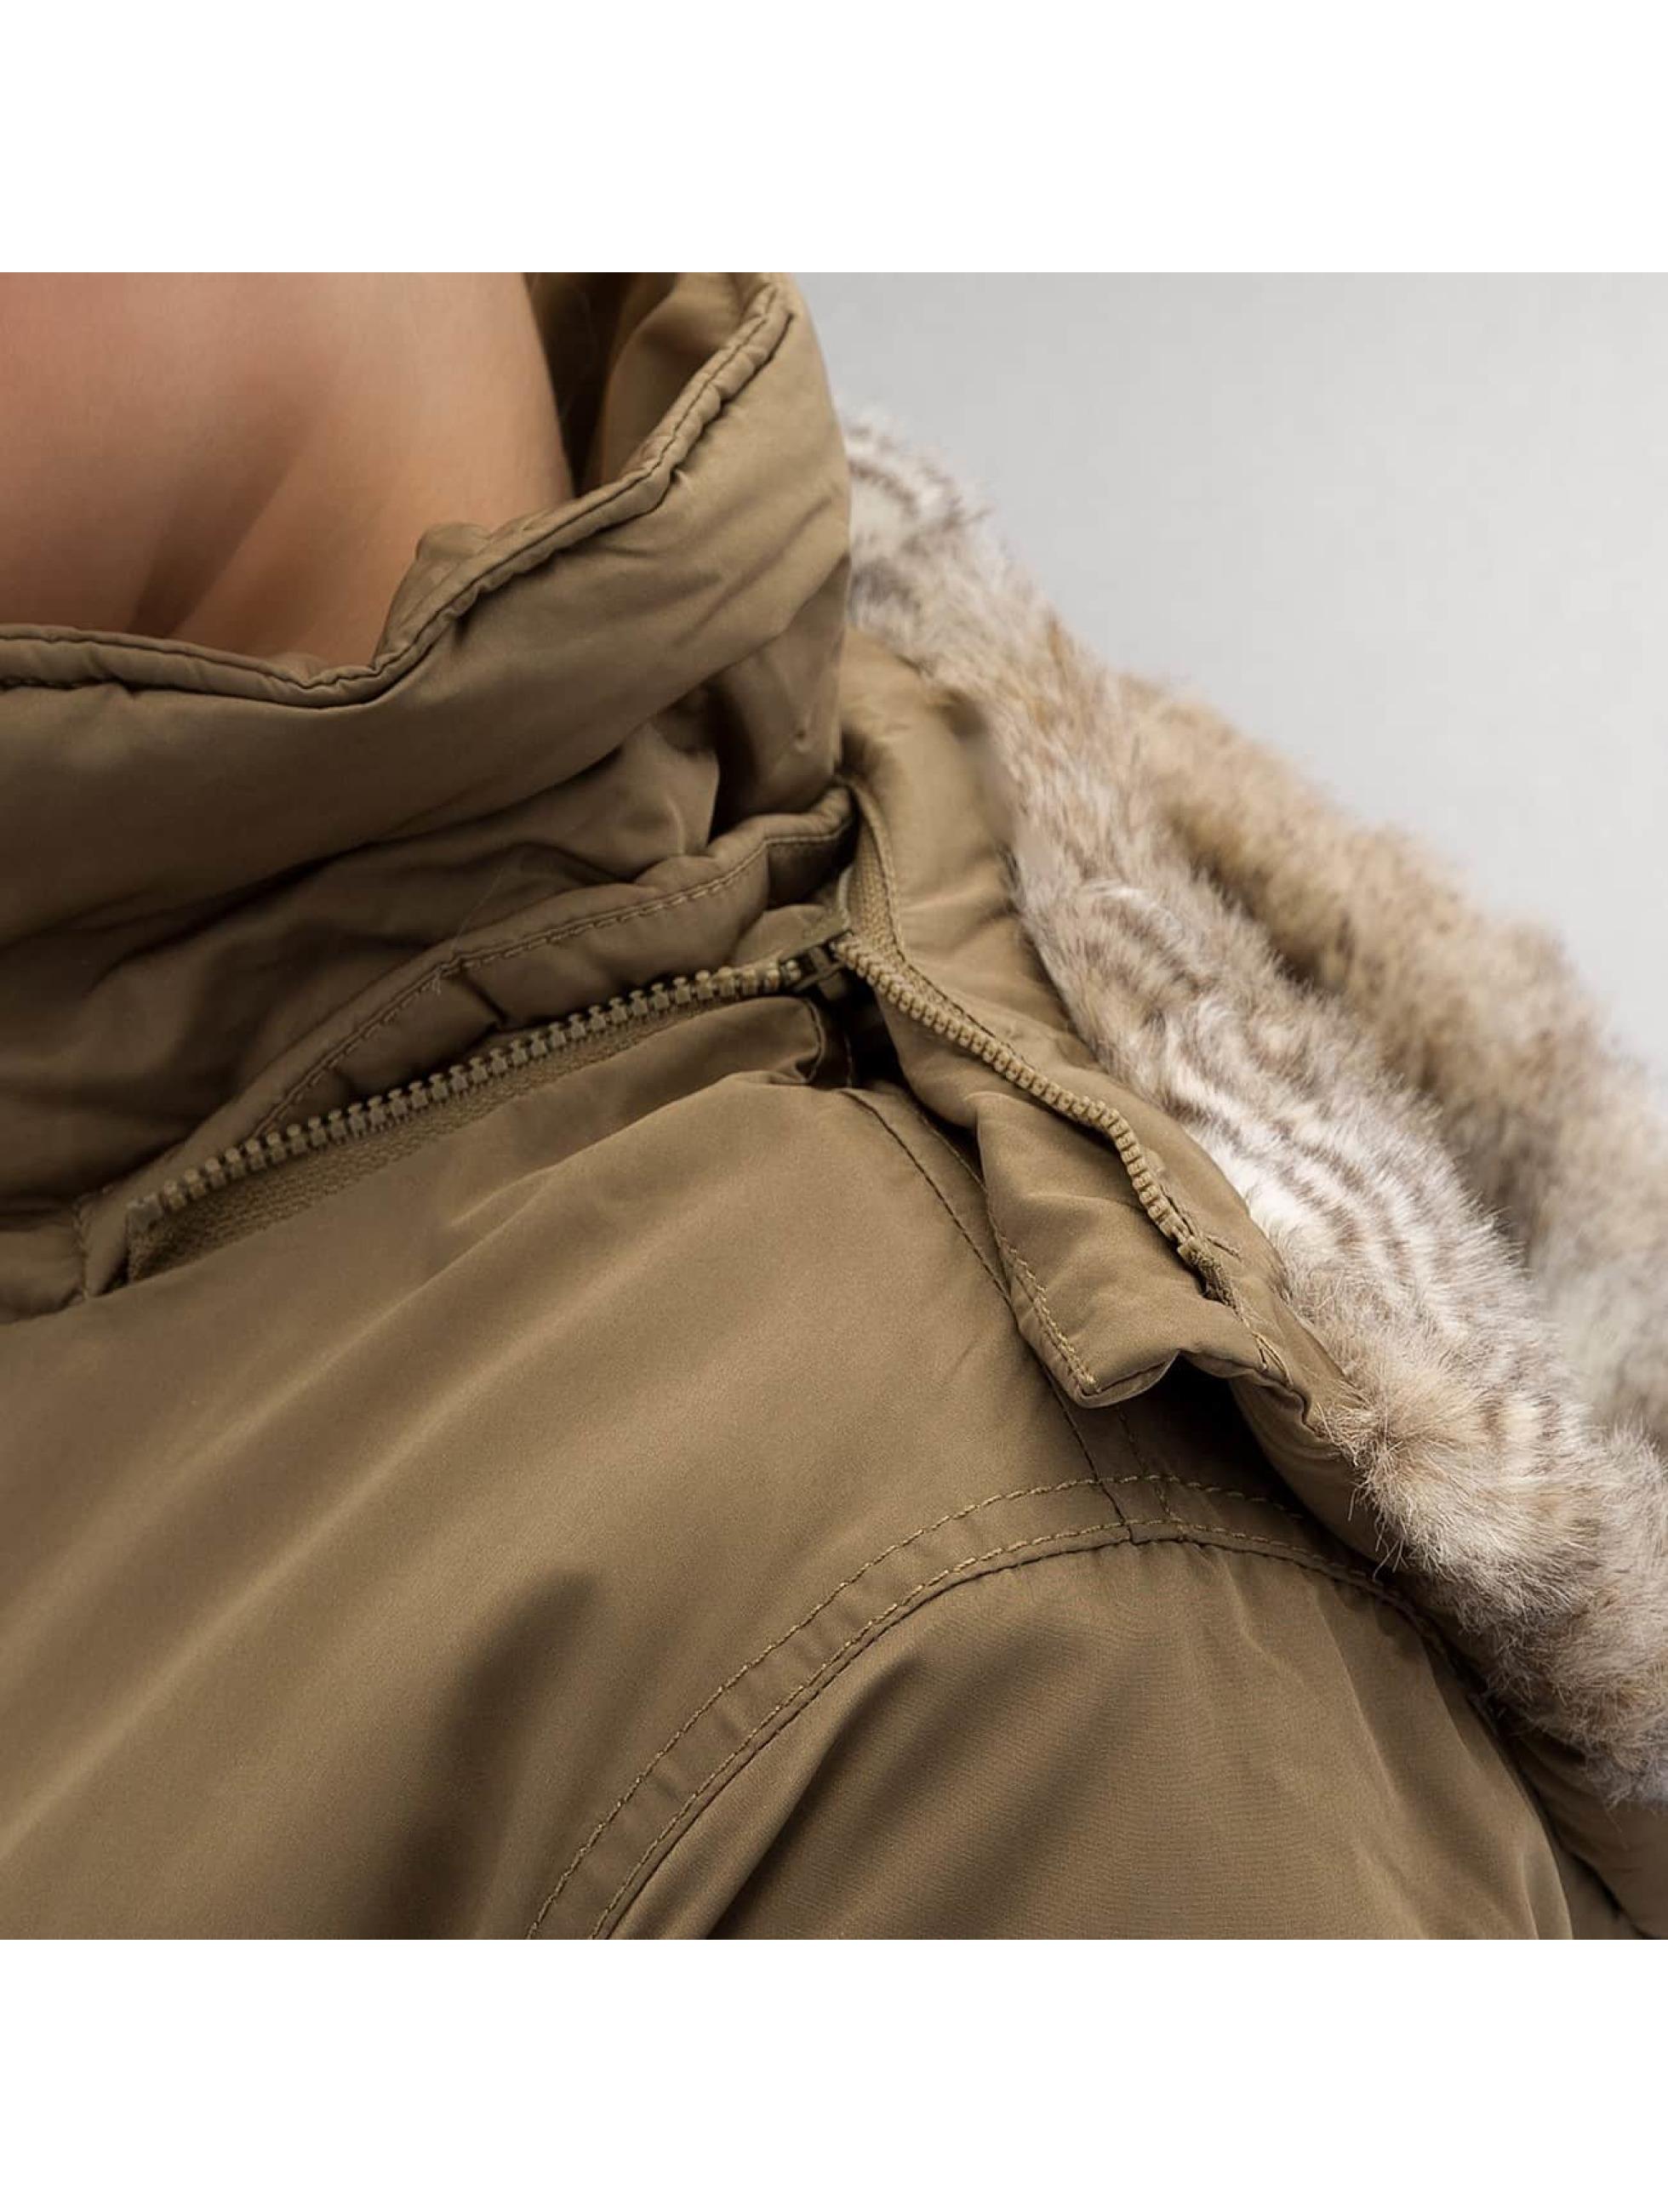 Bench Зимняя куртка Programme хаки